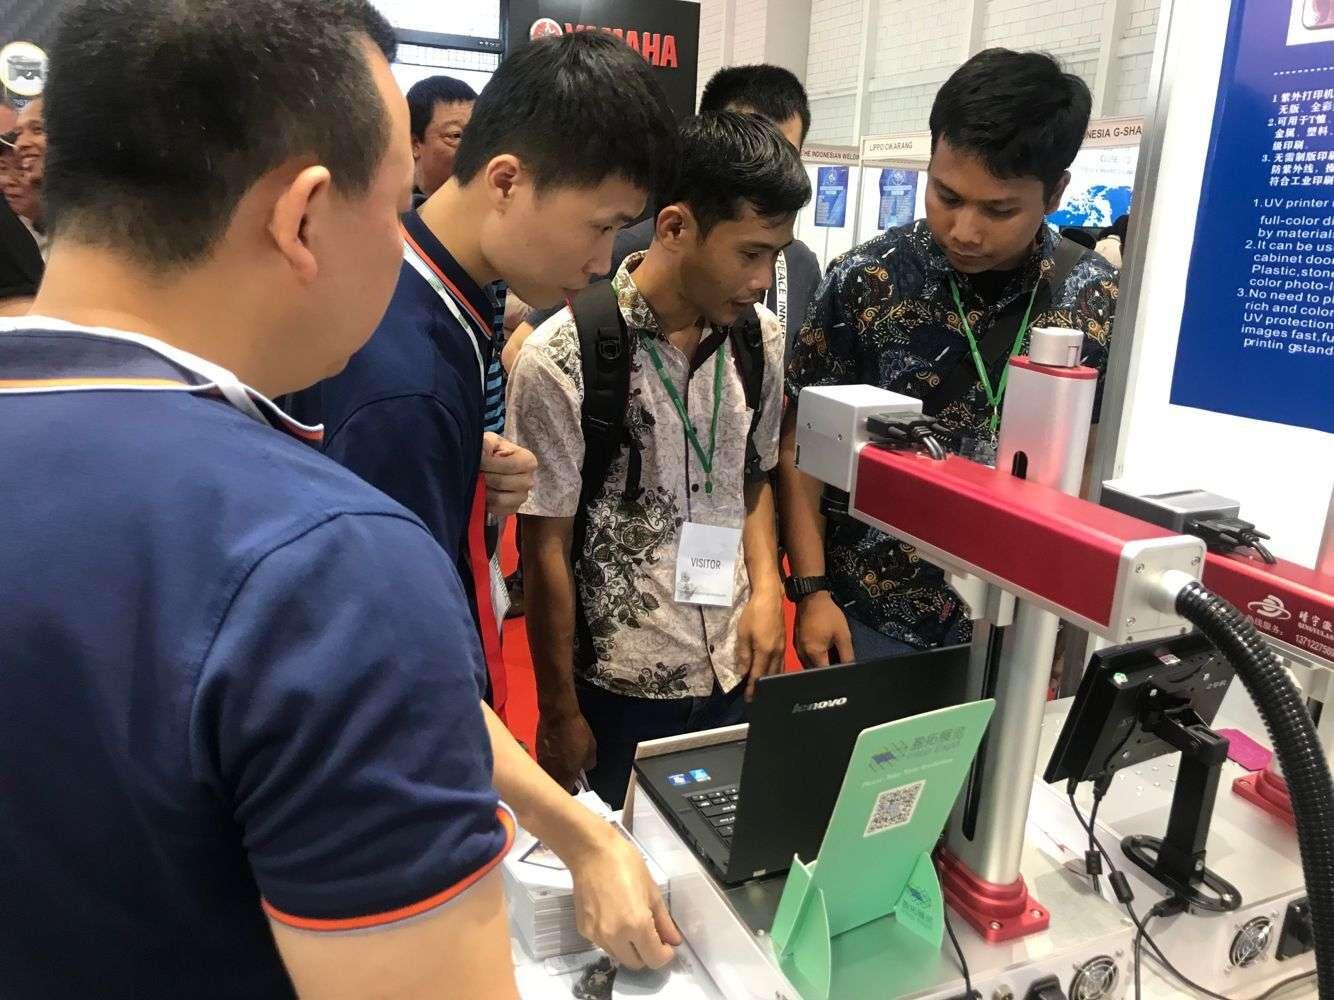 展会直播丨2019年印尼雅加达国际工业制造展览会